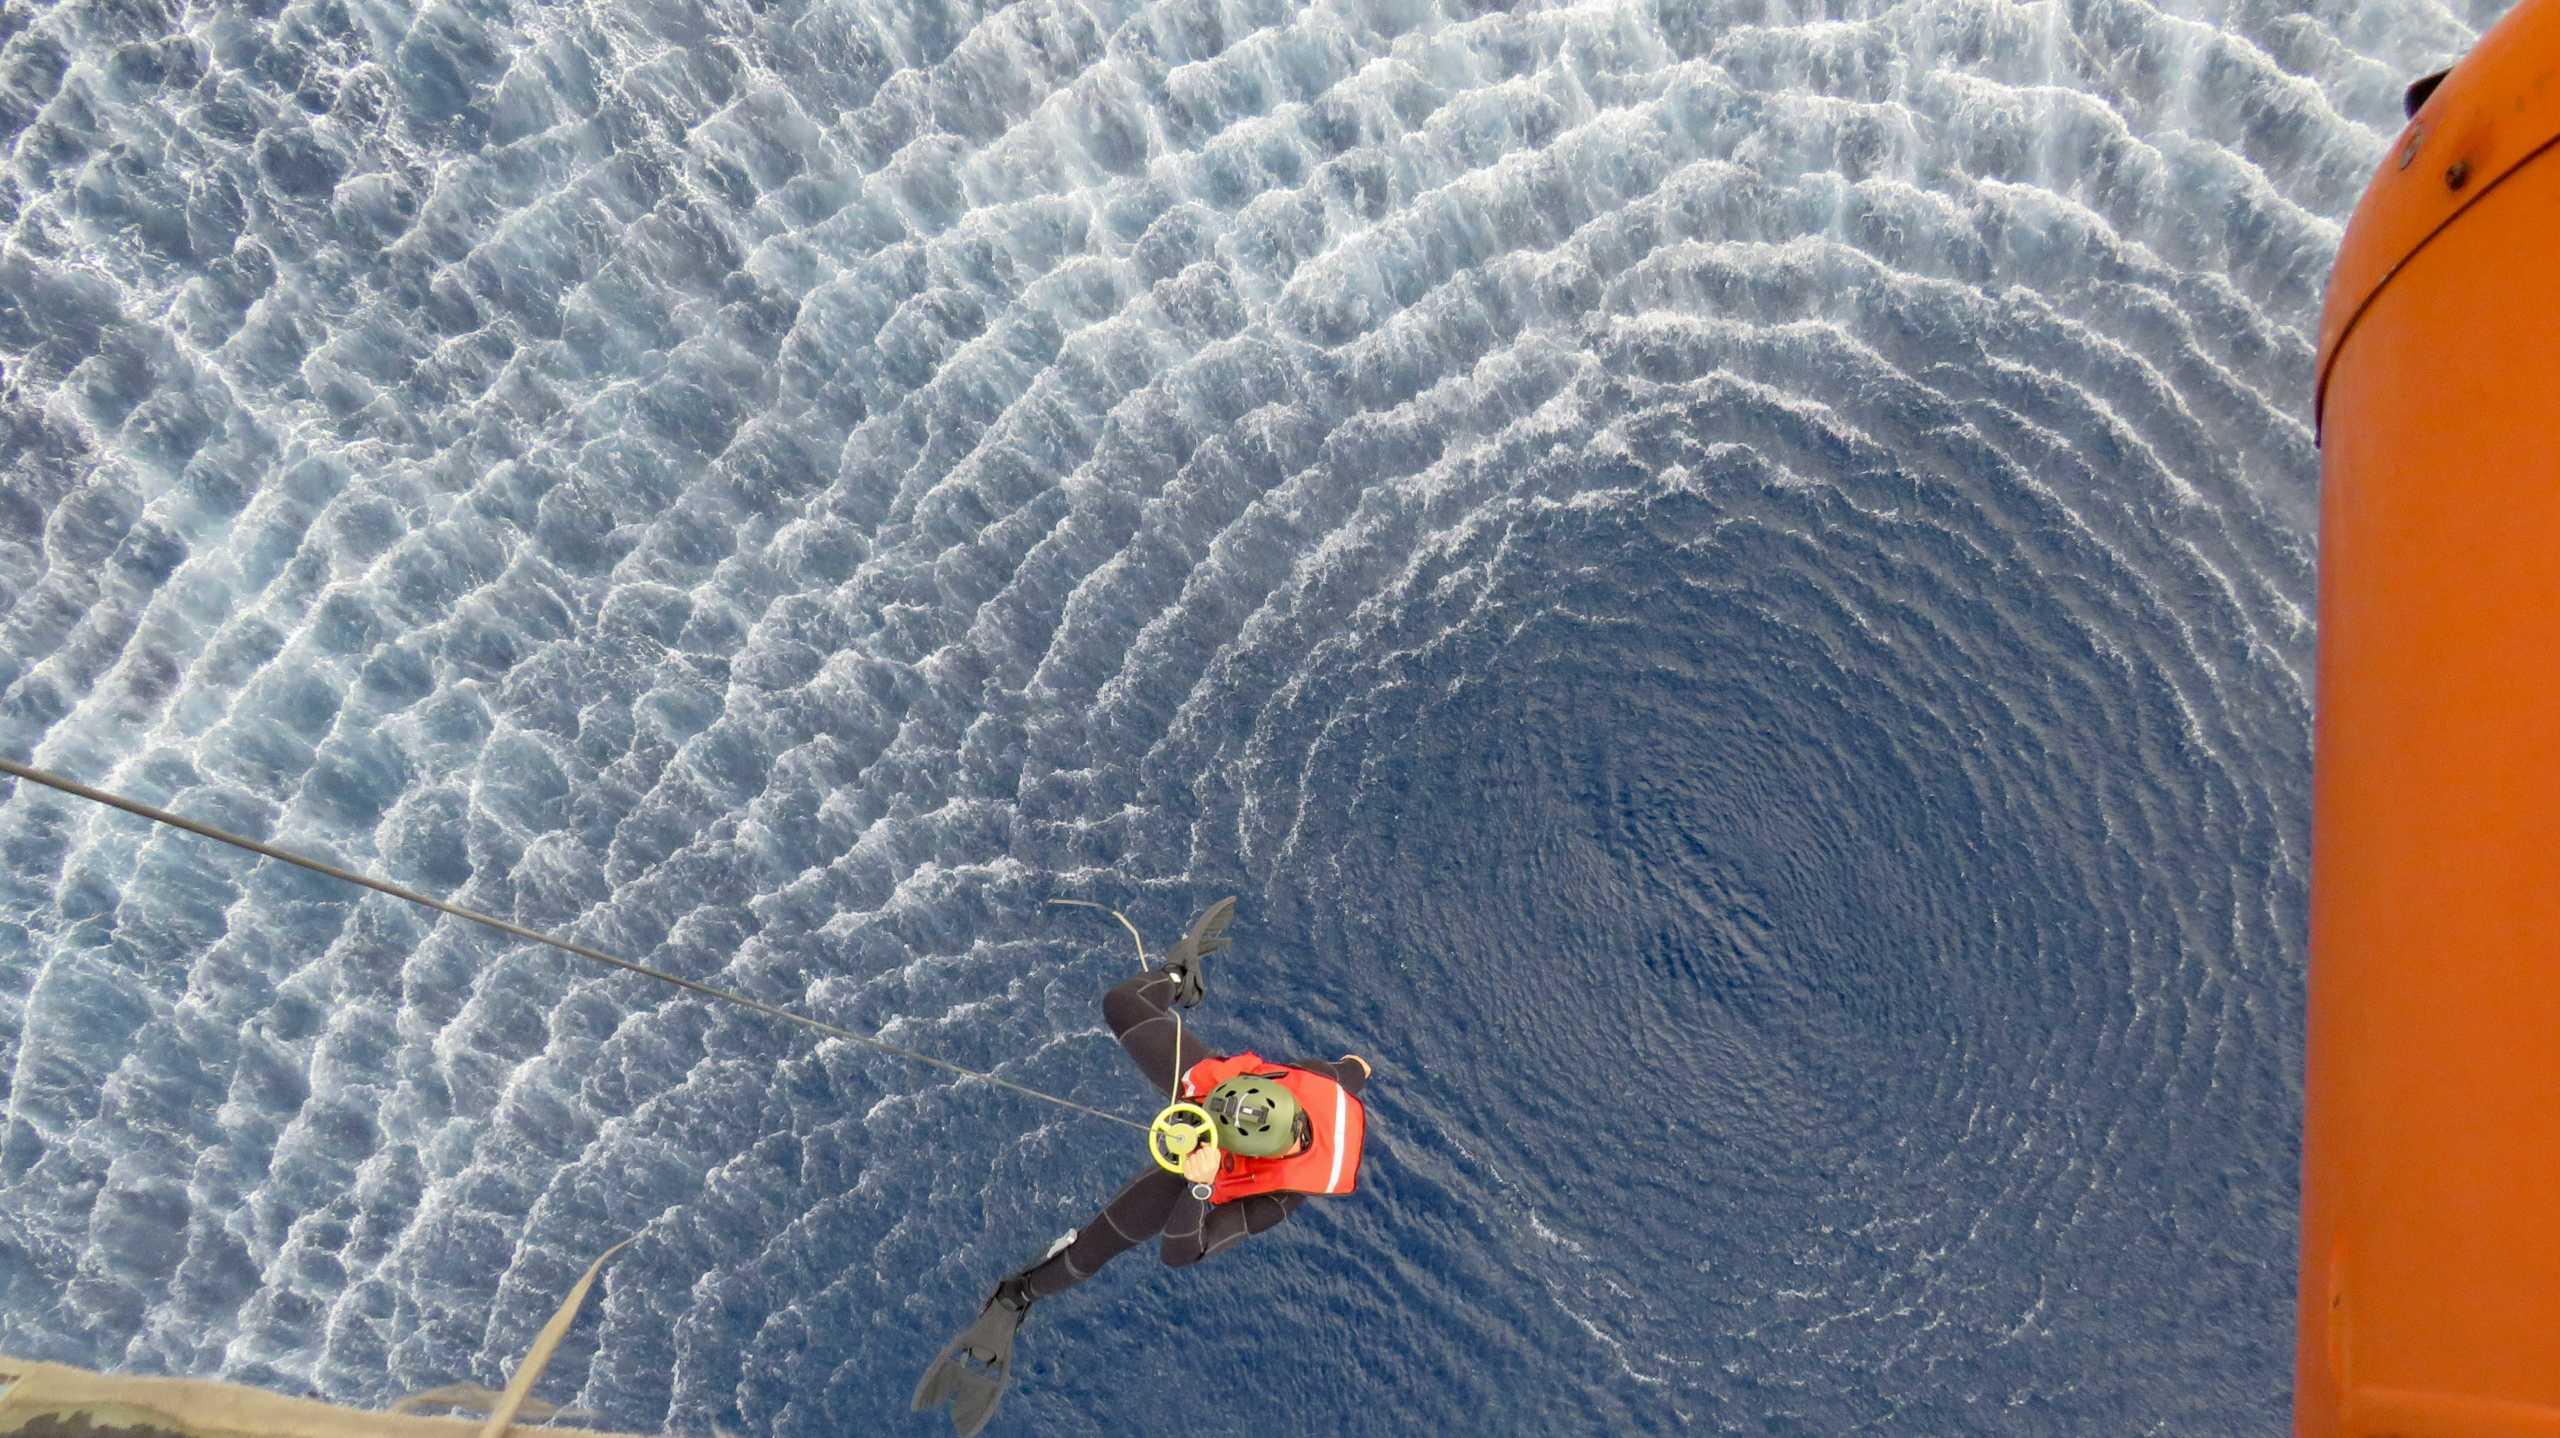 Θεαματικά στιγμιότυπα από την διακλαδική άσκηση Έρευνας – Διάσωσης «ΑΕΤΟΣ» (pics, vid)